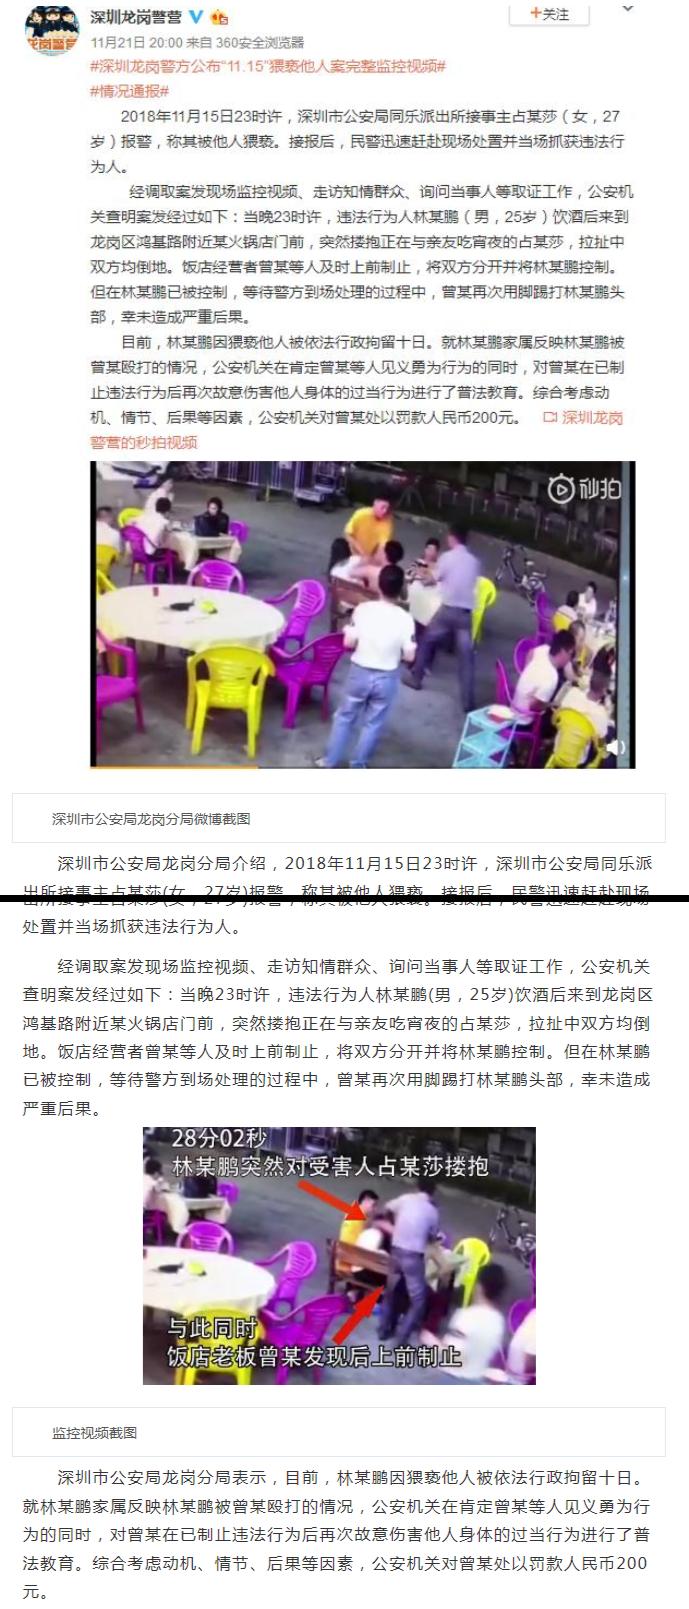 制止猥亵被罚引发争议 警方通报公布完整视频能解惑吗【图】